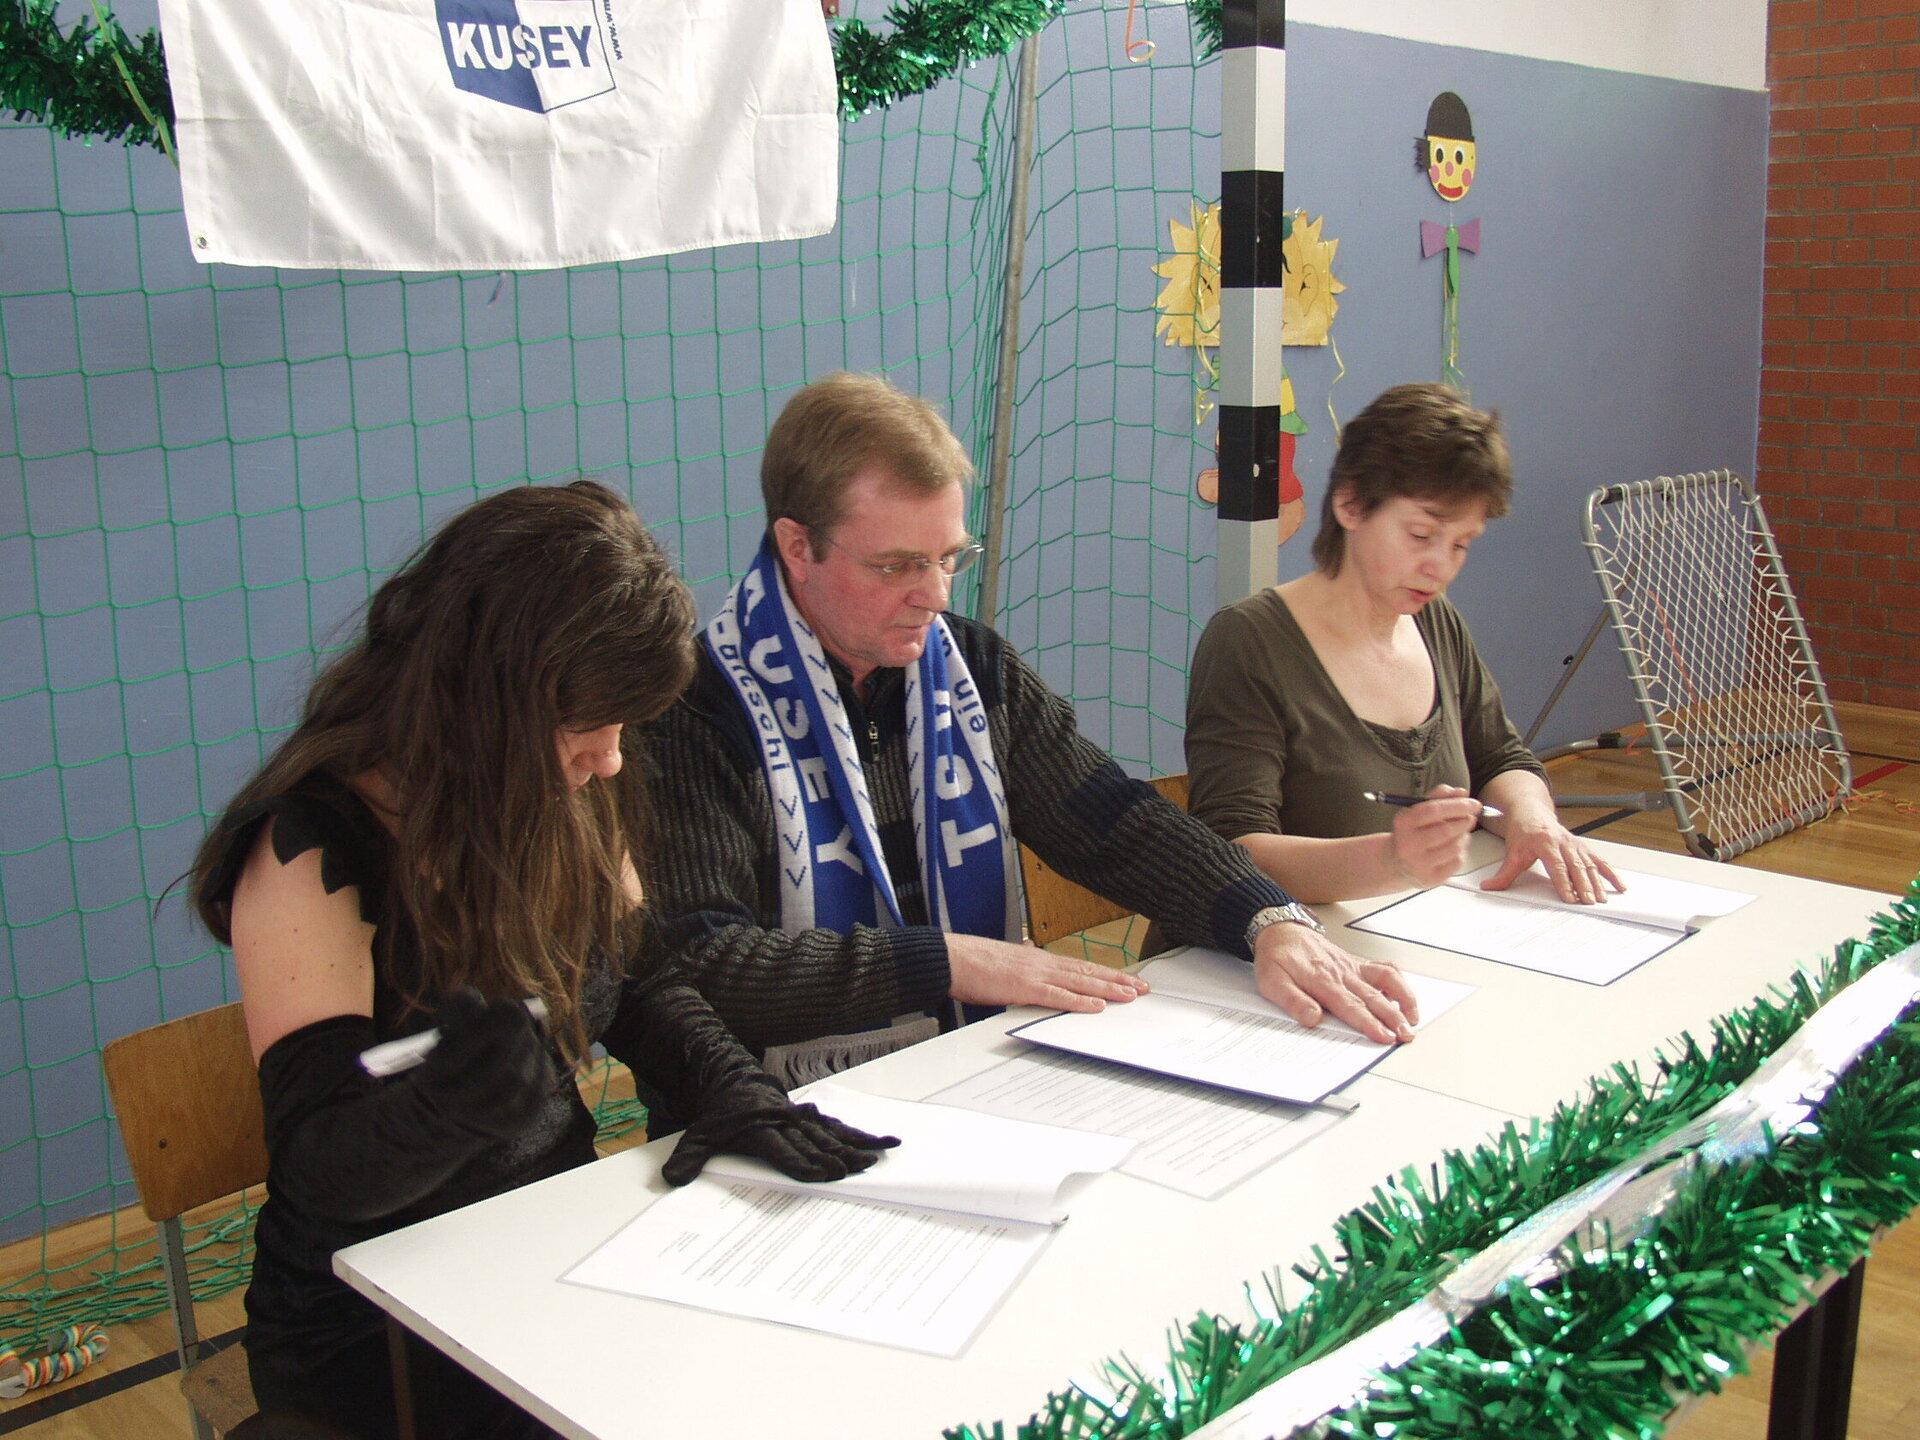 Vorsitzender Andreas Zerneke, 2001-2011, hier bei der Unterzeichnung der Kooperationsverträge